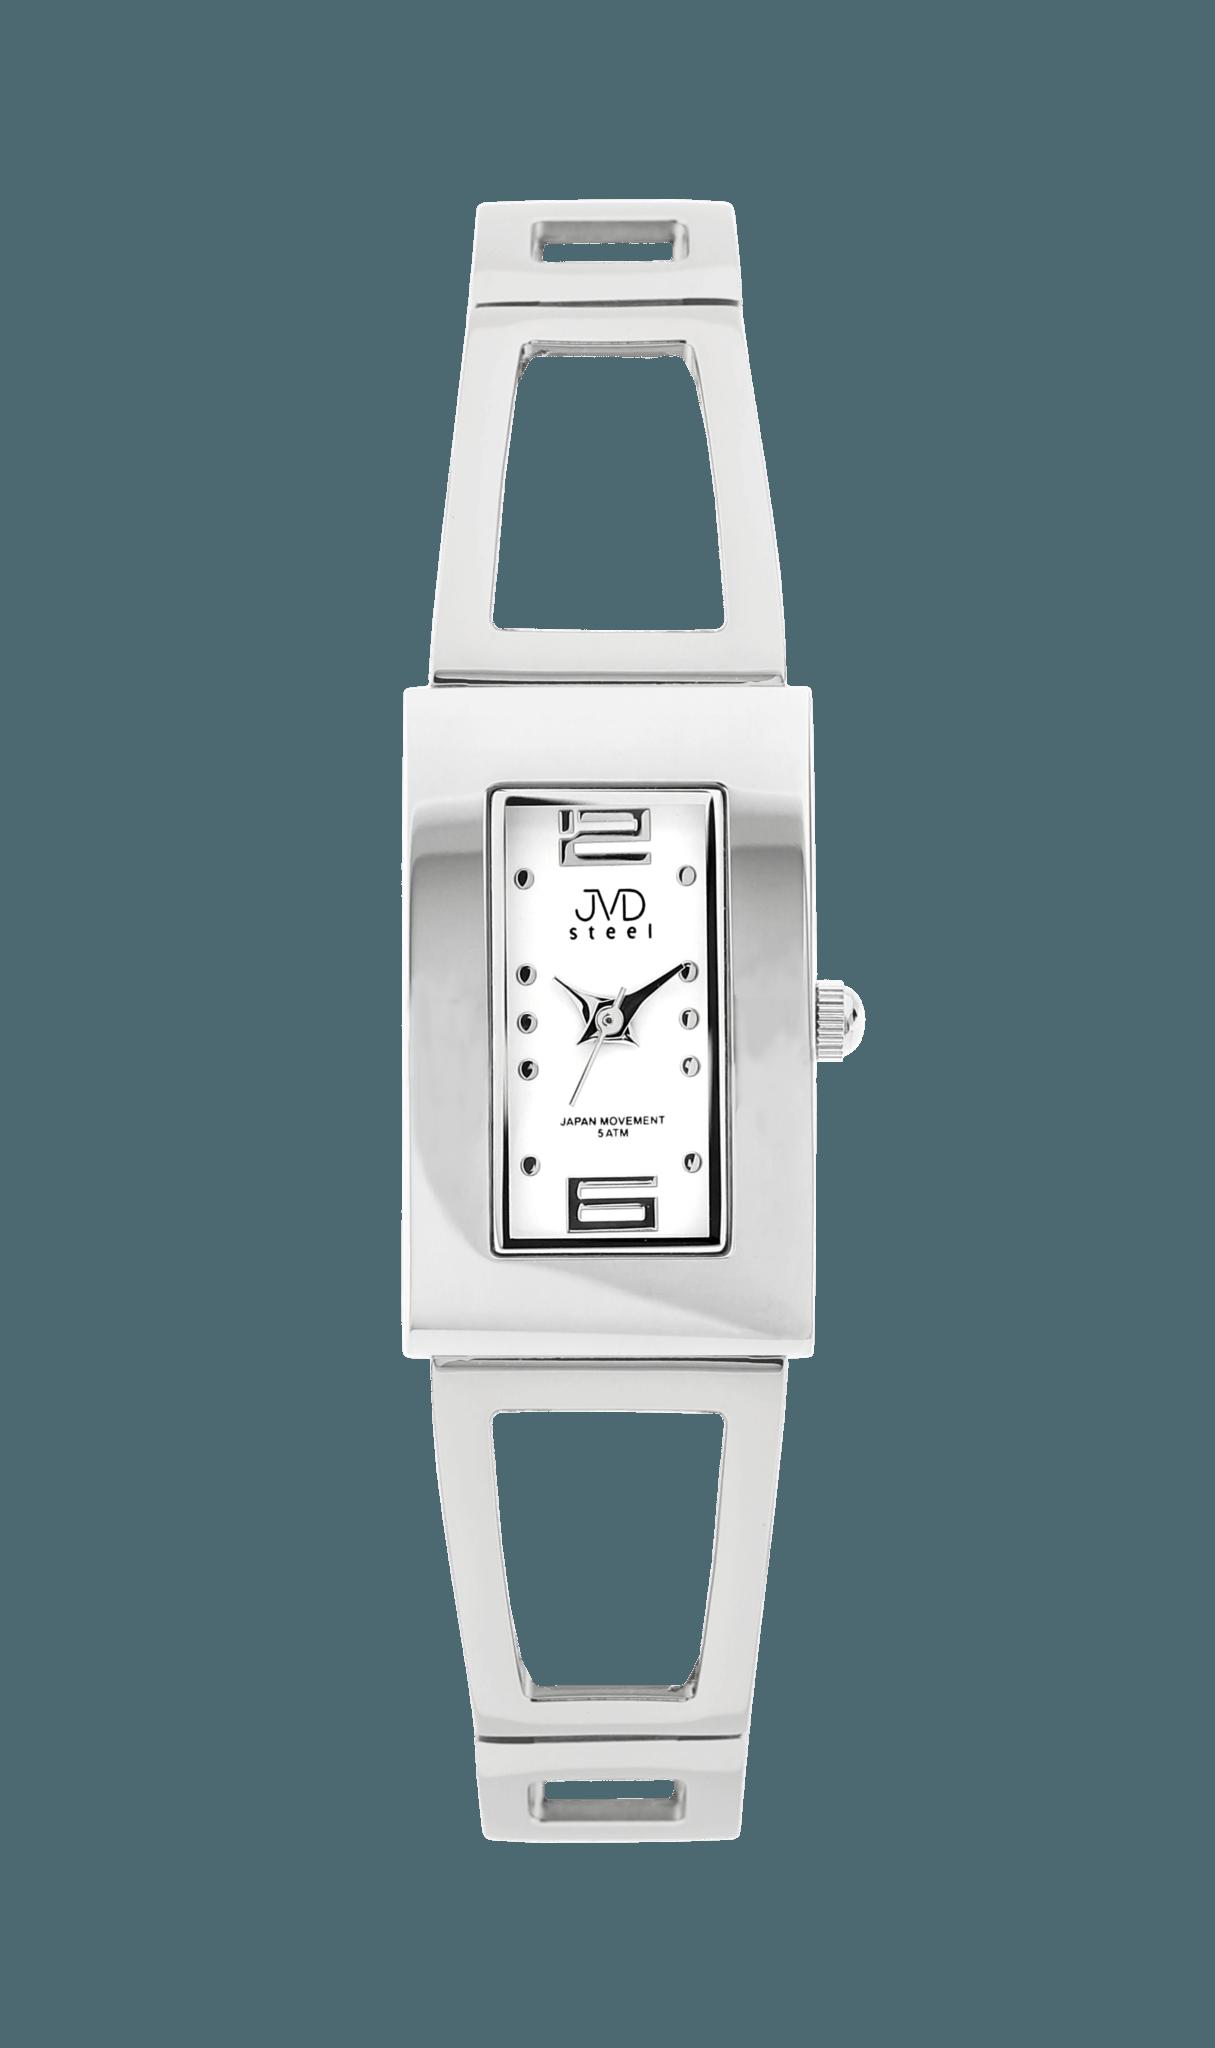 Dámské ocelové náramkové hodinky JVD steel J4086.2 (POŠTOVNÉ ZDARMA!!)